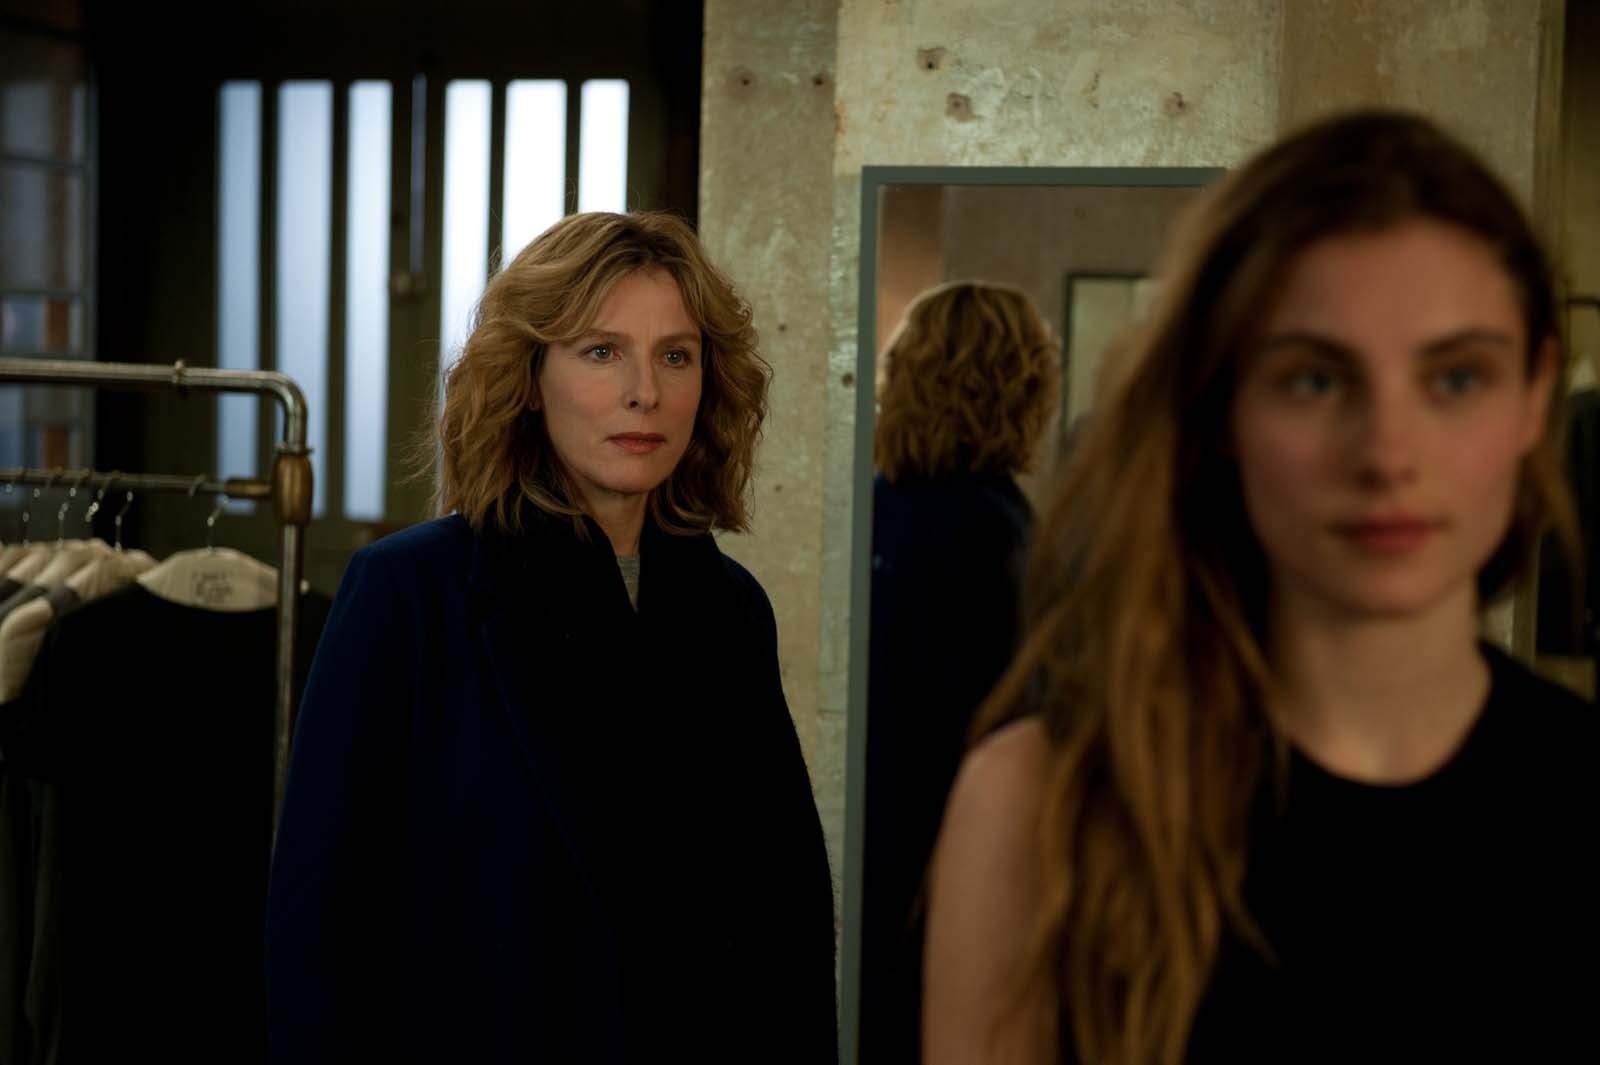 Nathalie (Karin Viard) va jusqu'à être jalouse de sa propre fille (jouée par Dara Tombroff).